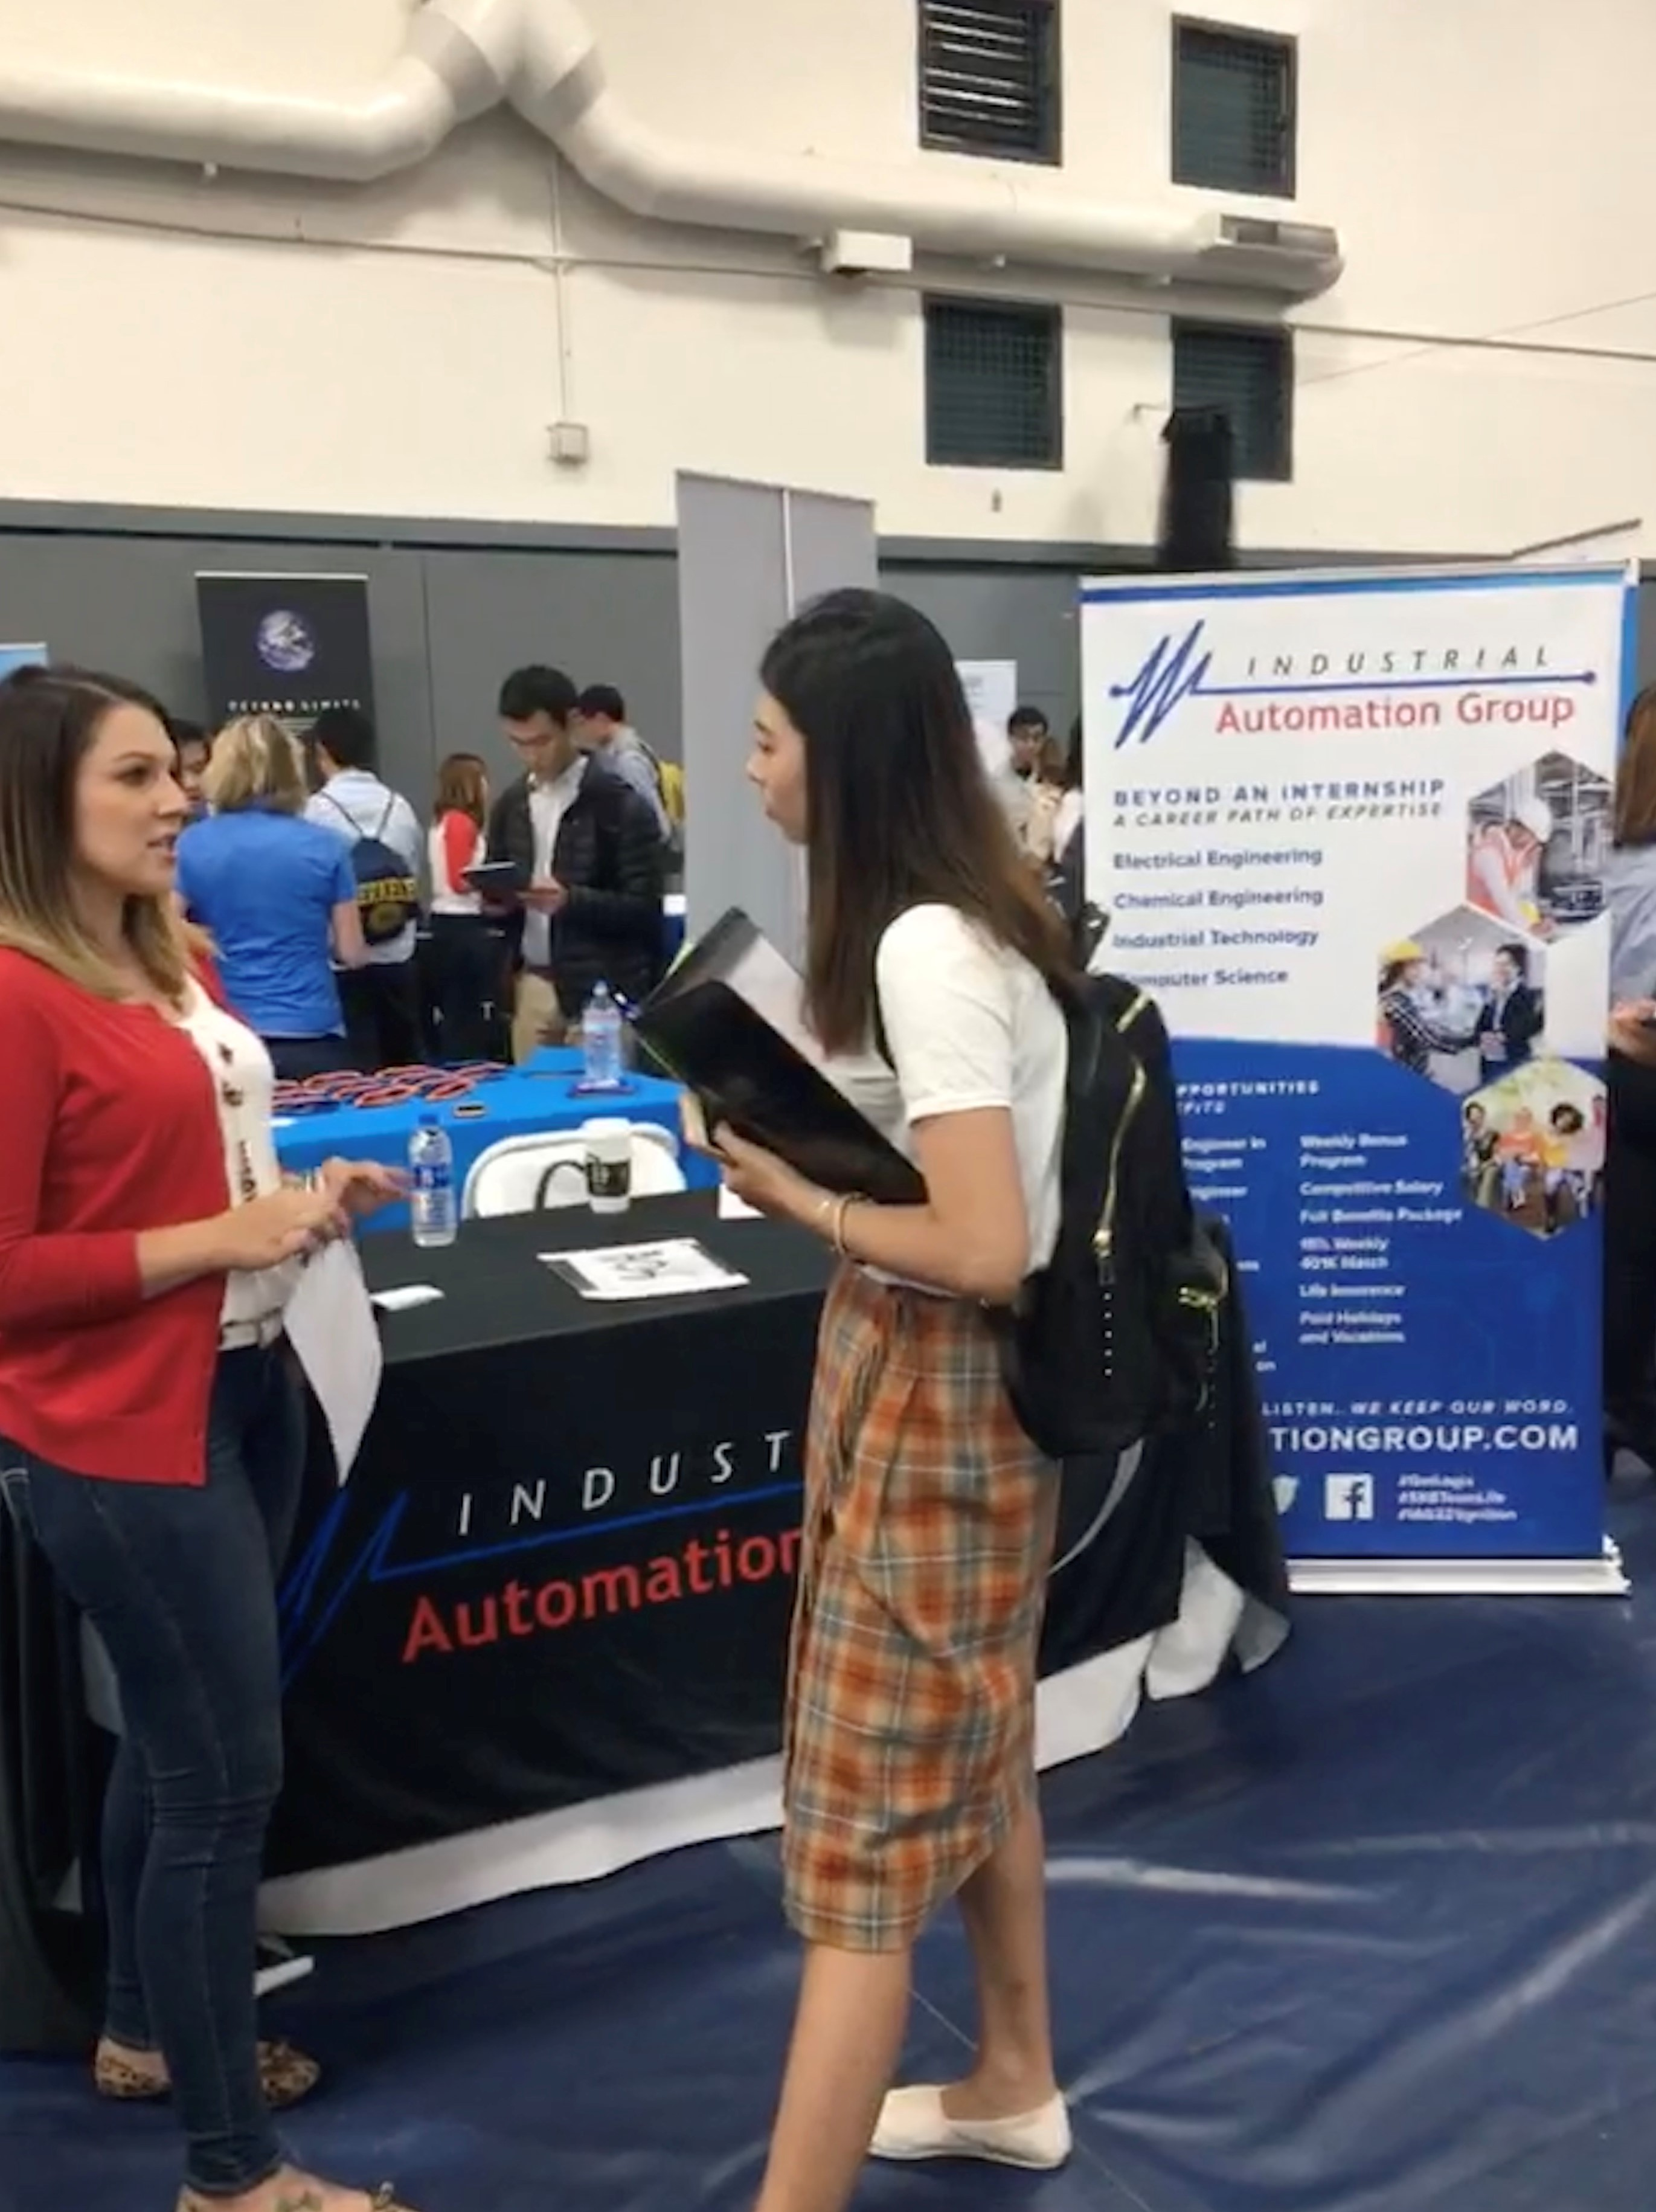 UC Berkeley Career Fair – Automation Group